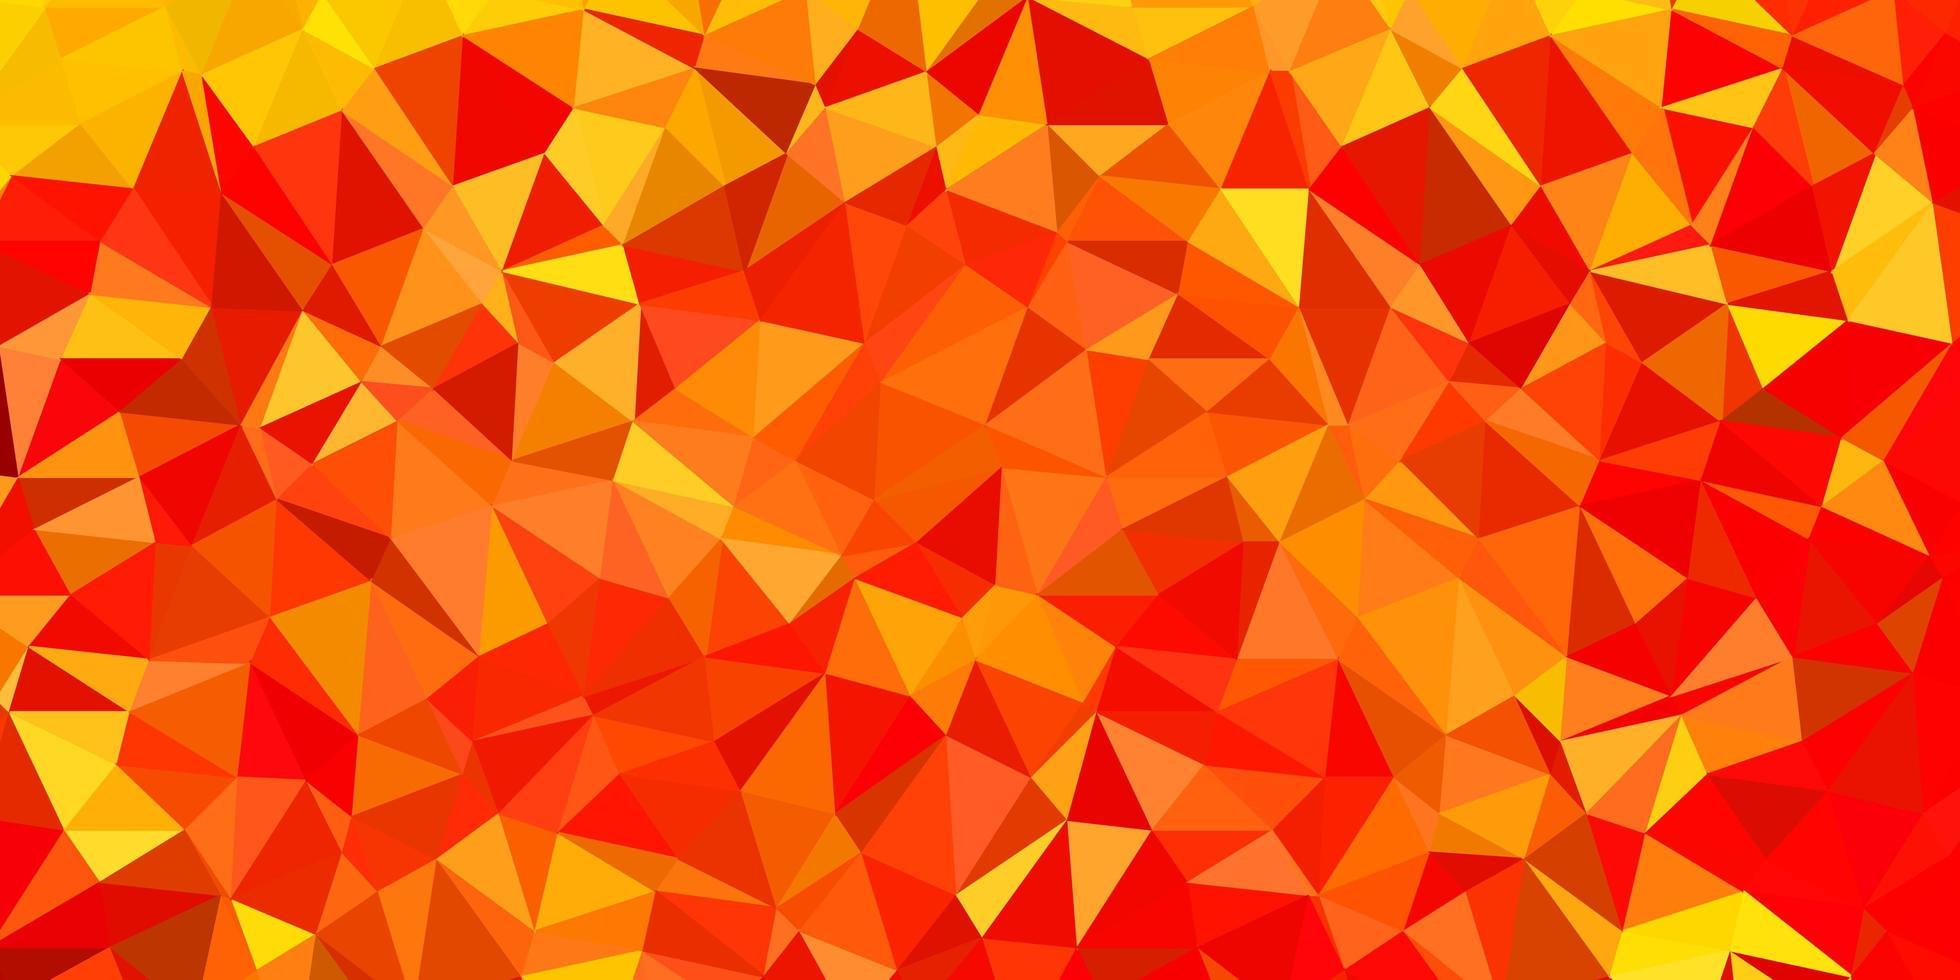 lichtrood, geel vector kleurovergang veelhoek lay-out.